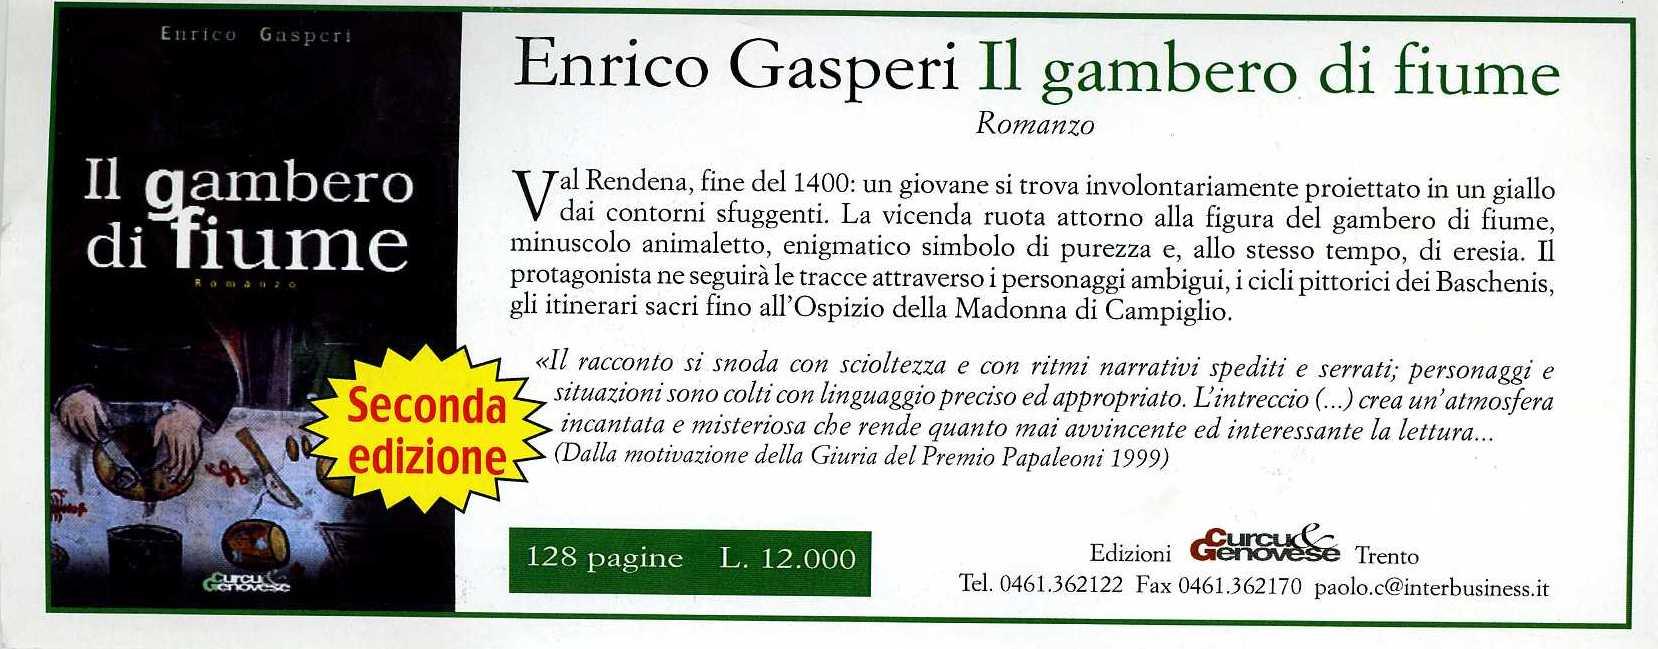 Enrico Gasperi_ La pubblicità della seconda edizione